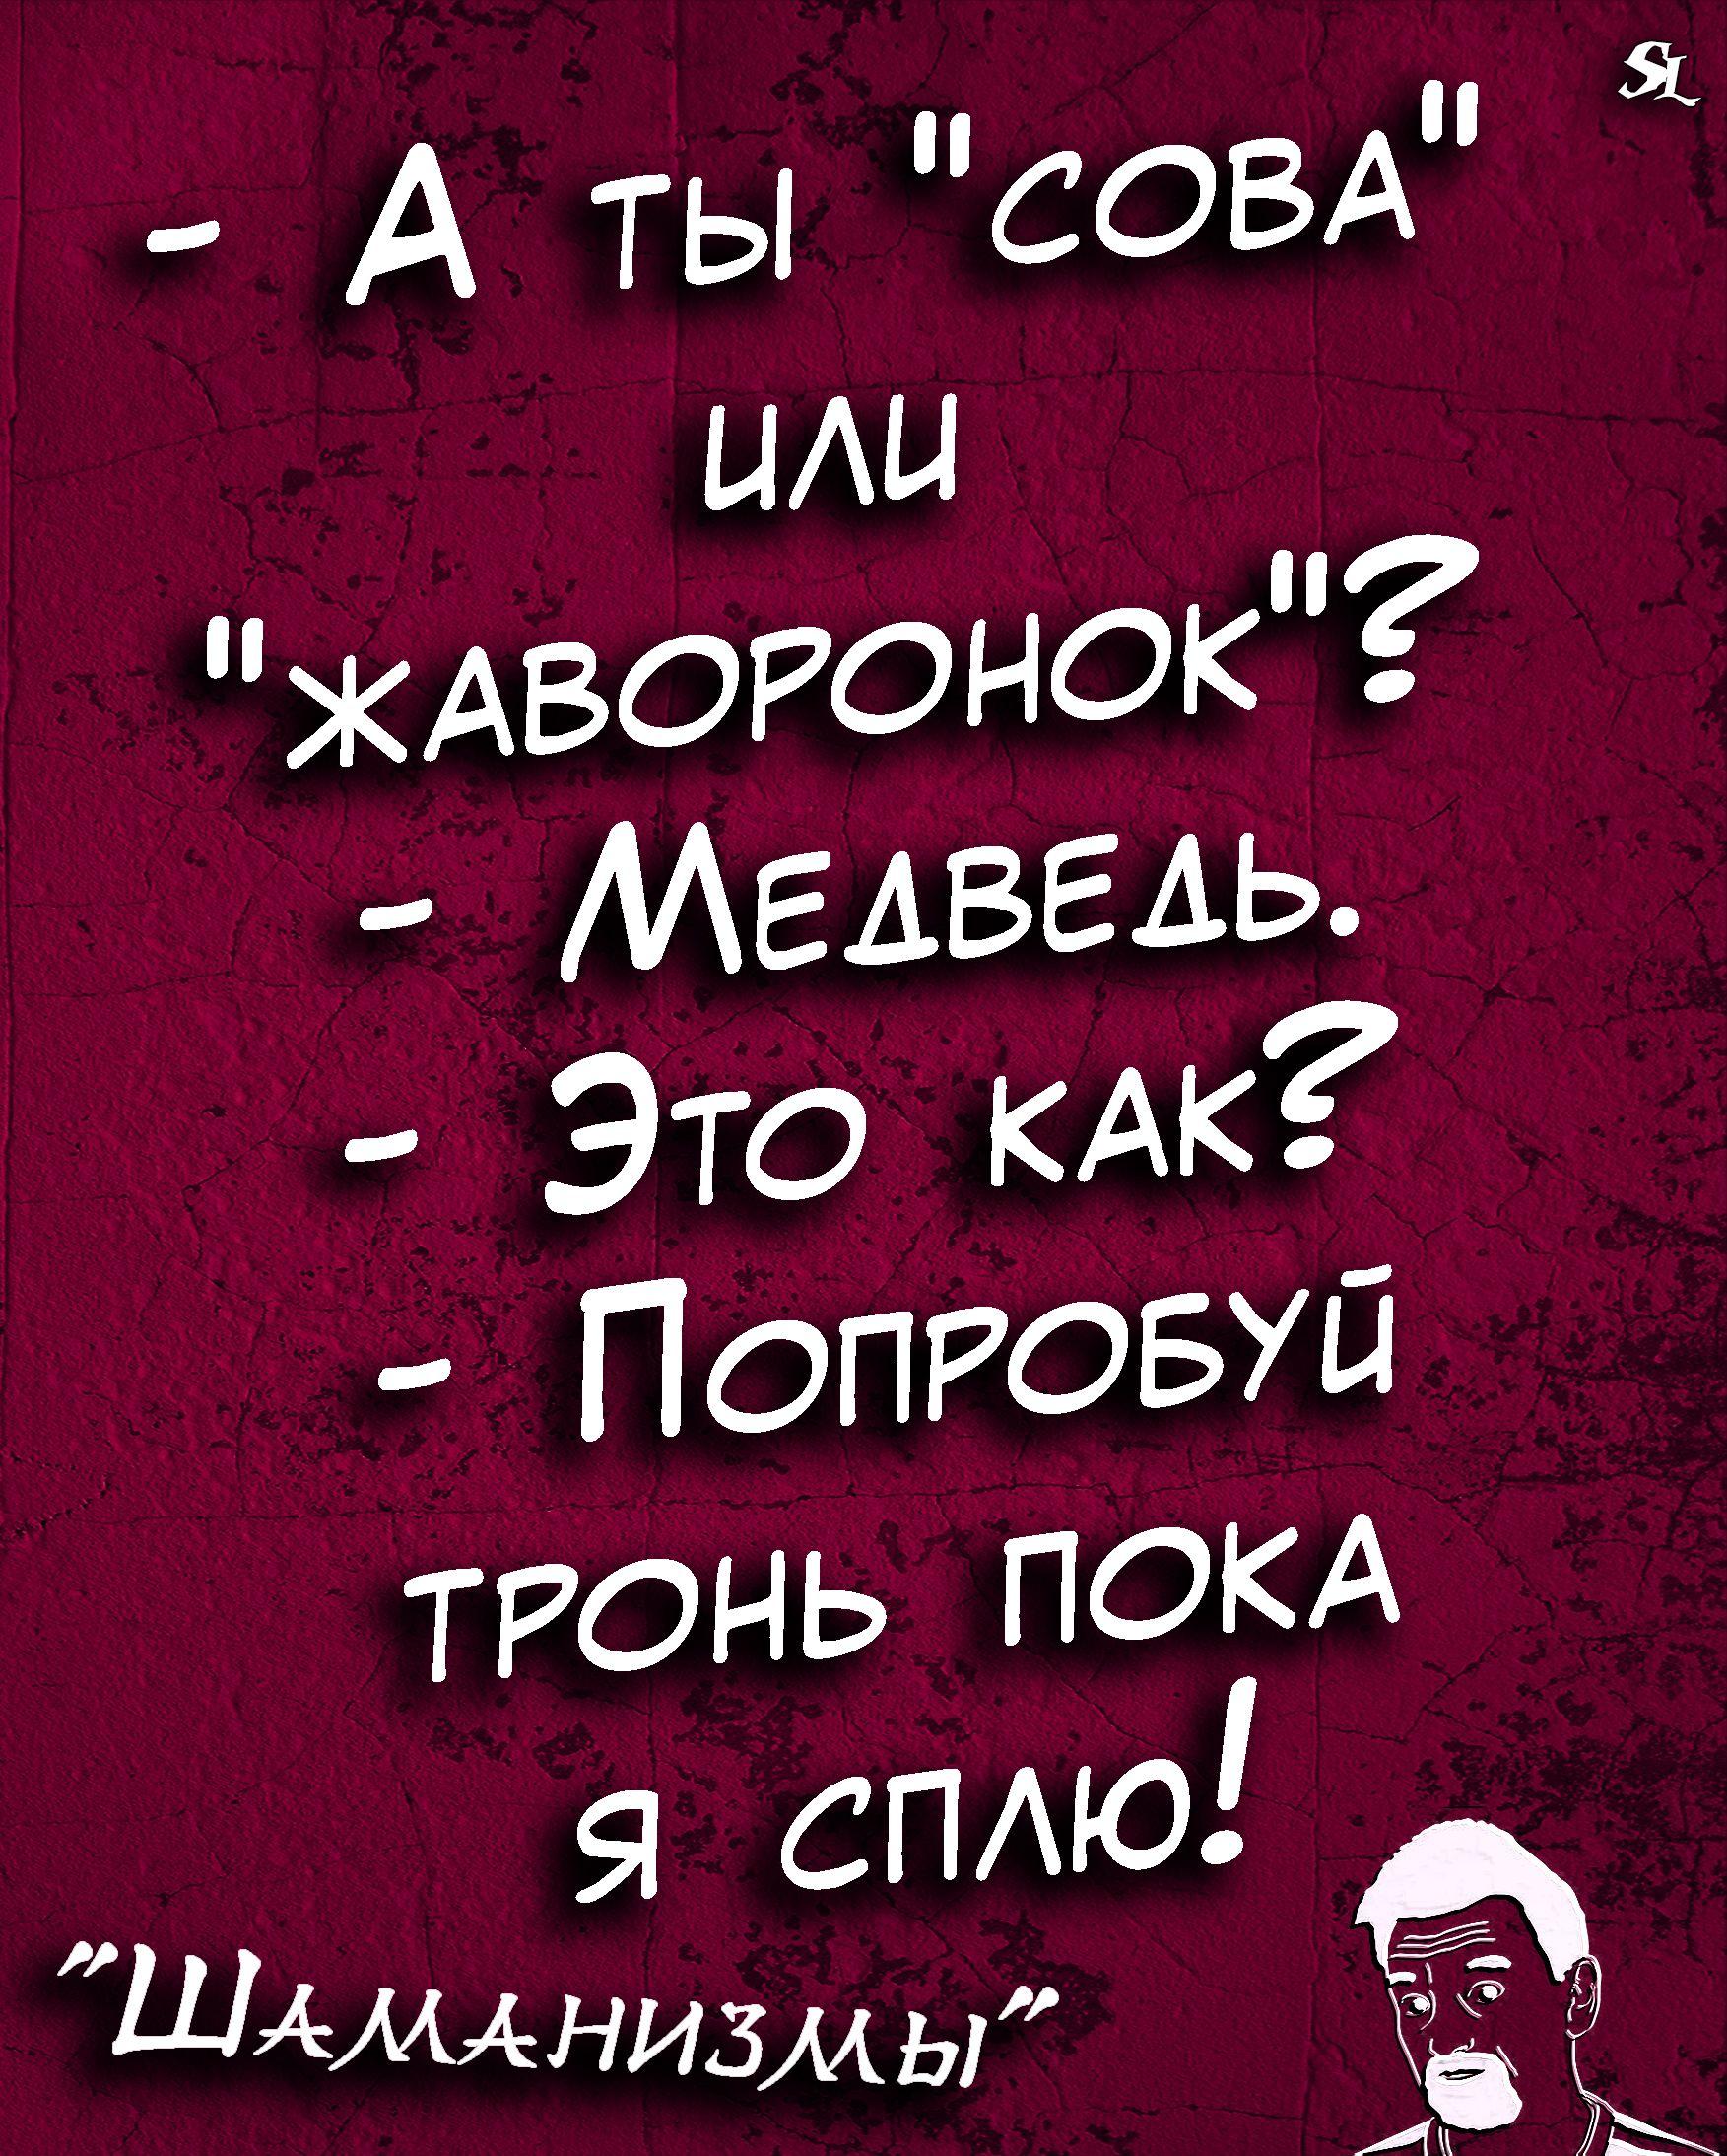 Shamanizmy Shutki Prikol Yumor Jokes Funny Humor Memes Shaman Ledentsov Sl Shaman Ledentsov Humor Jokes Phrase Of The Day